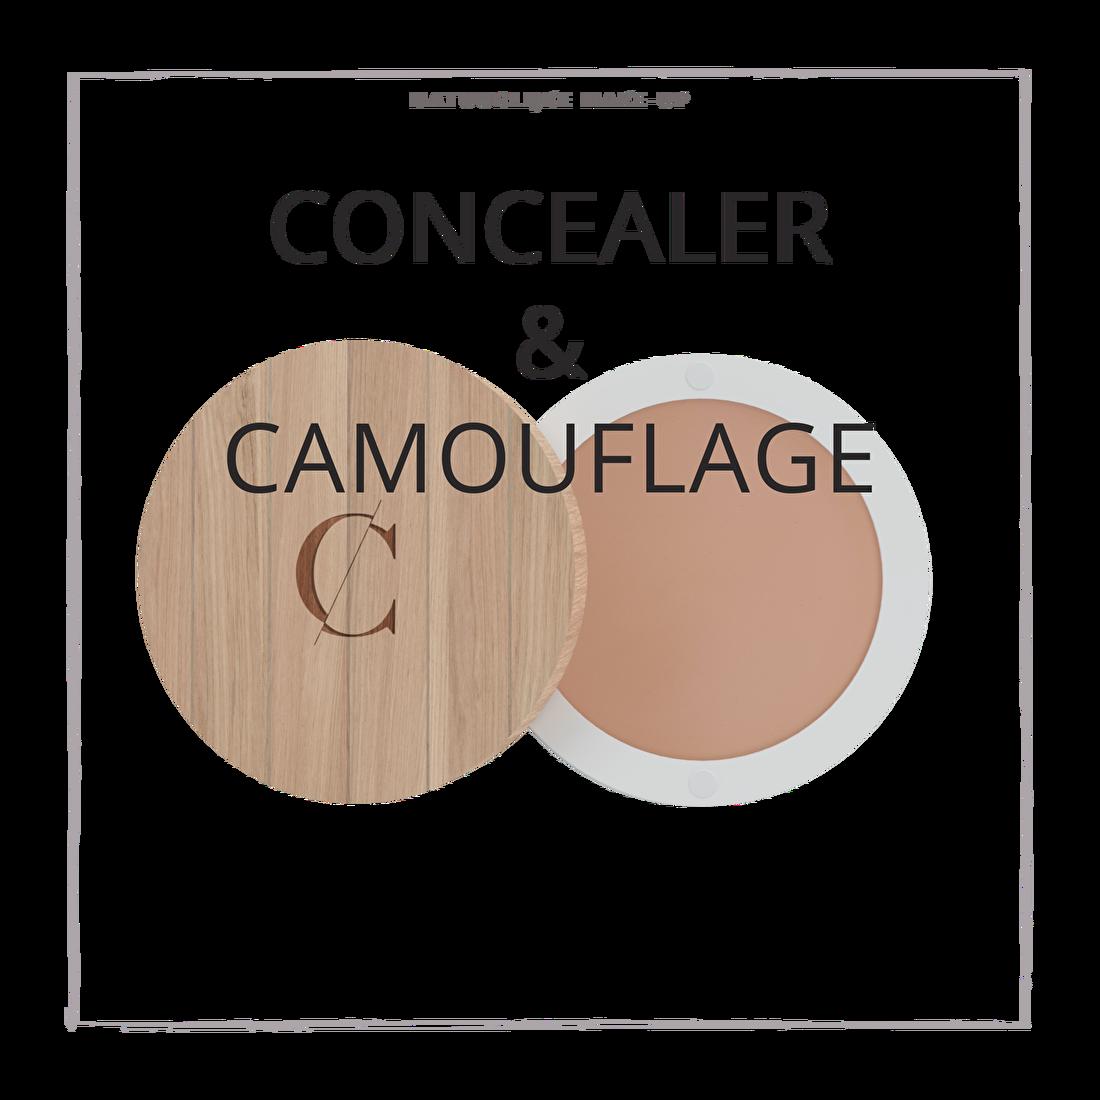 natuurlijke make-up concealer en camouflage CouleurCaramelmakeup.nl